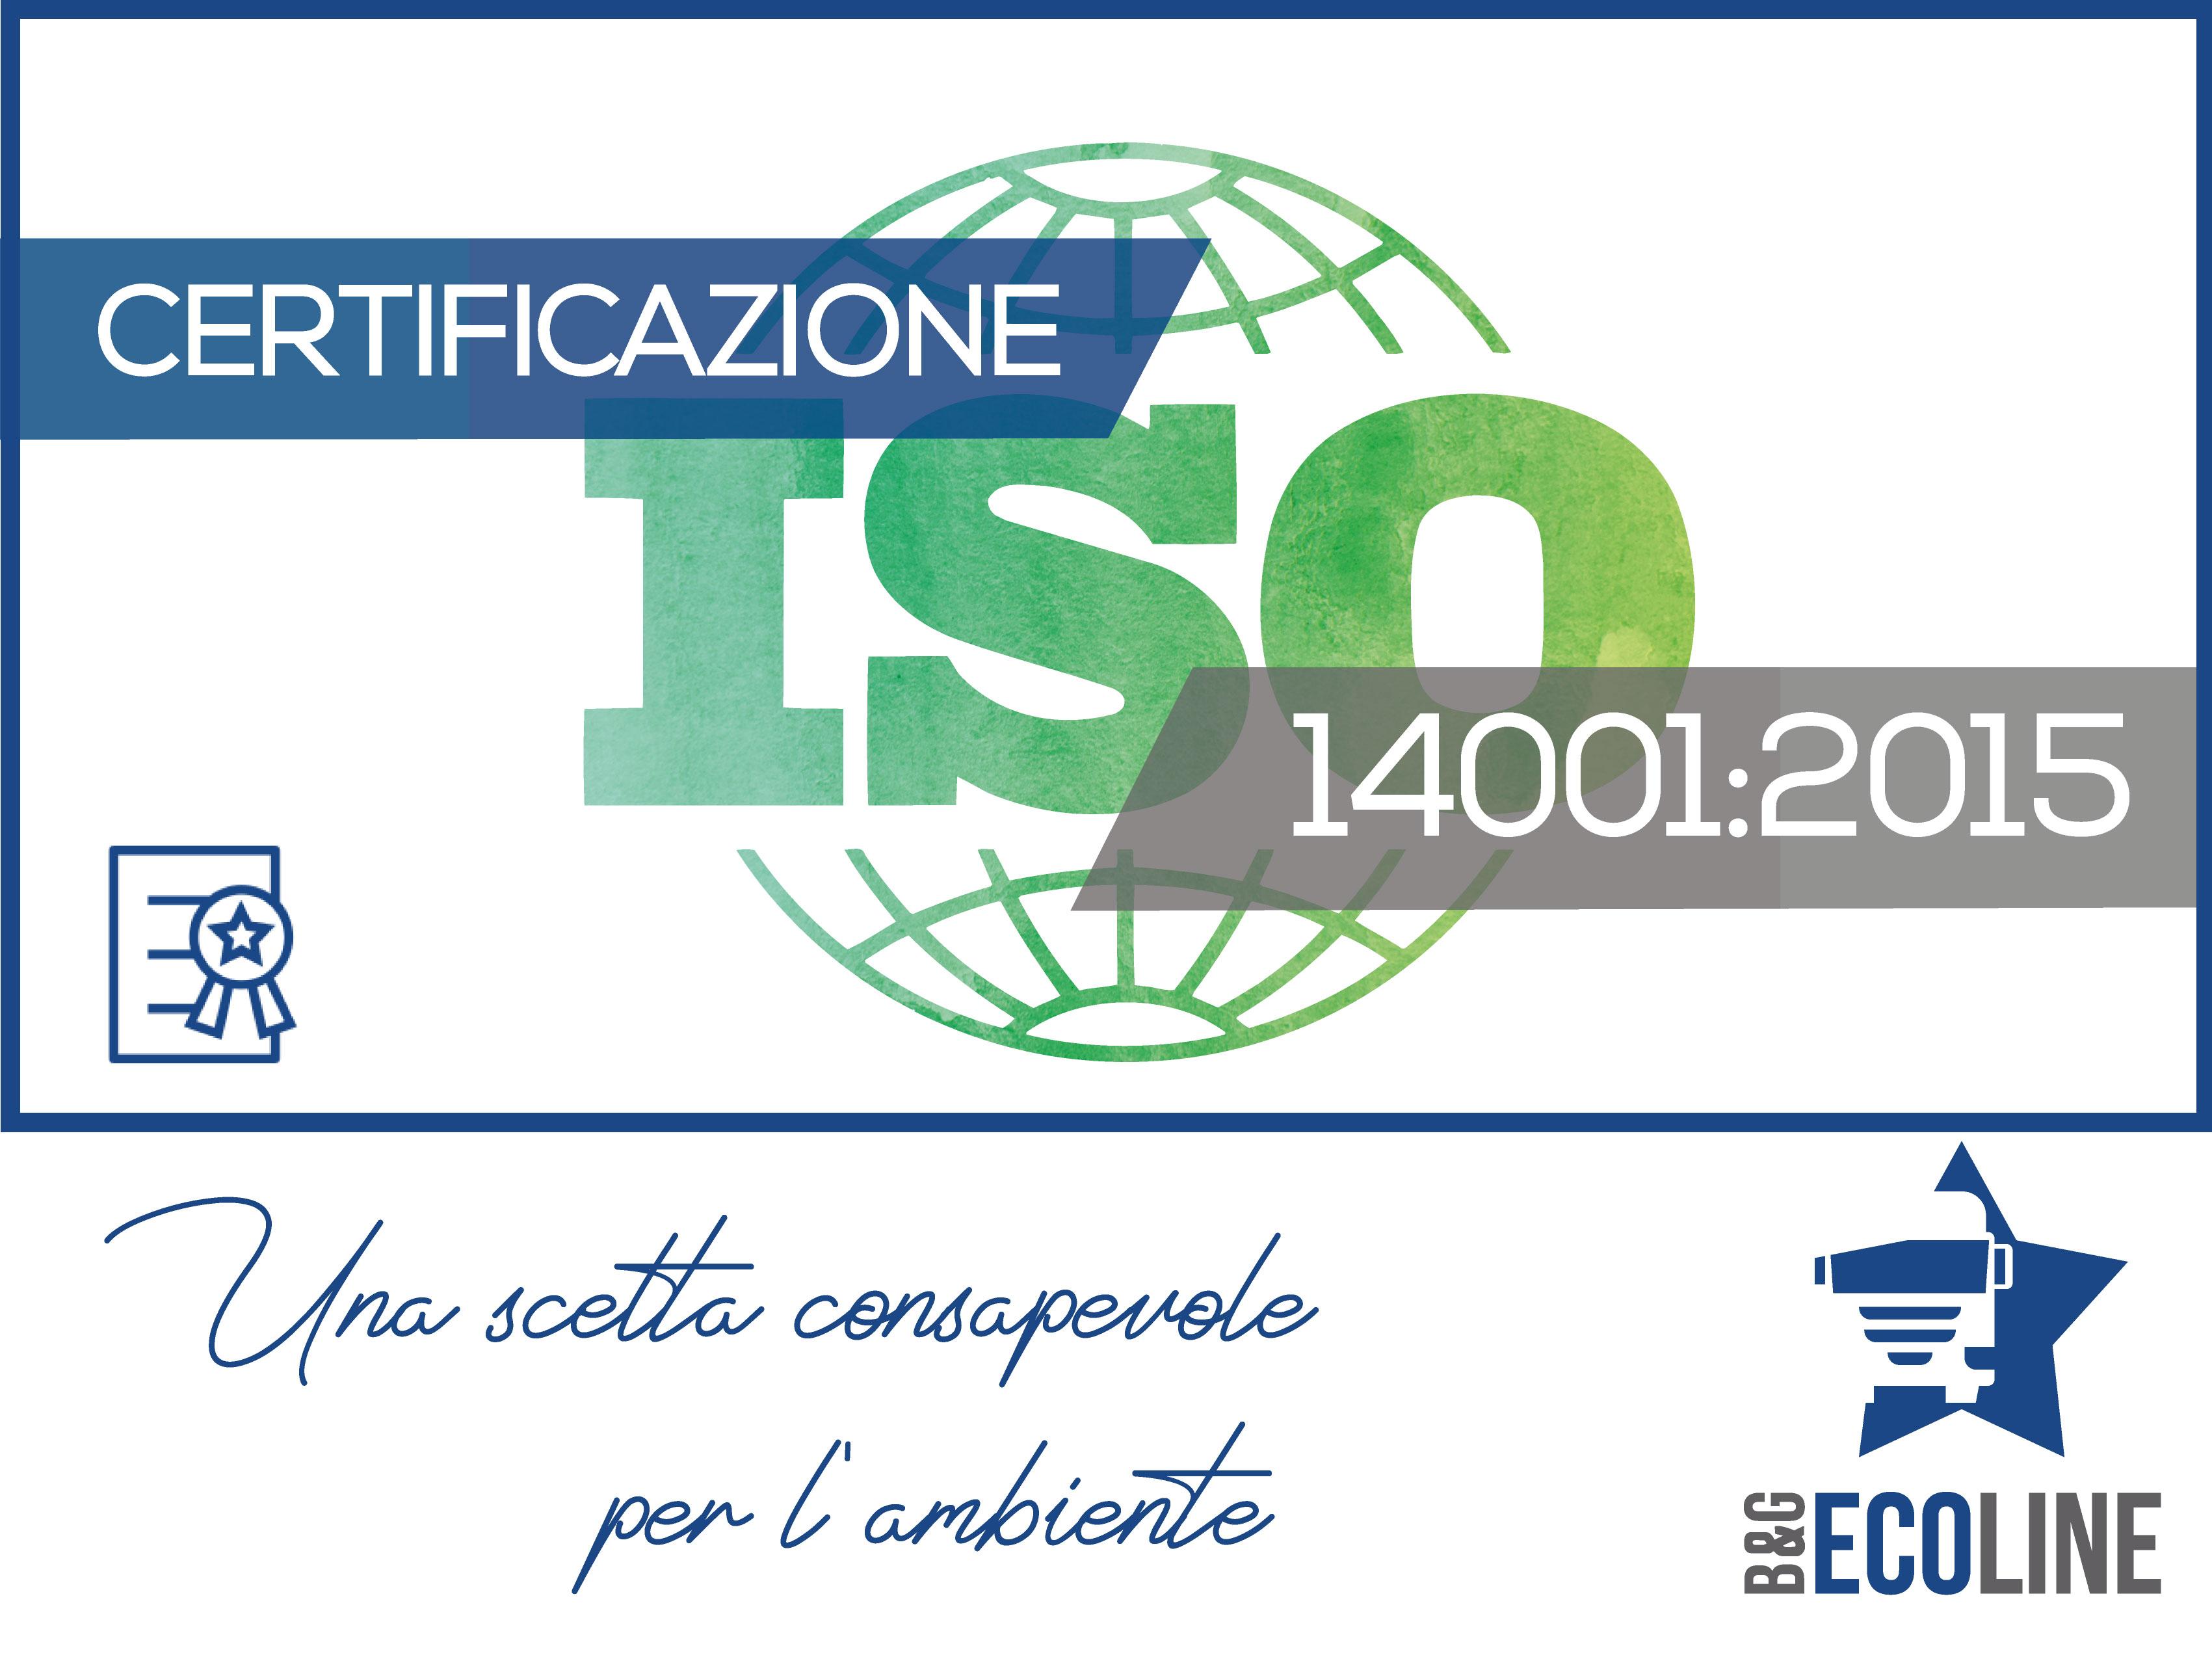 La B&G Ecoline ottiene la certificazione ISO 14001:2015